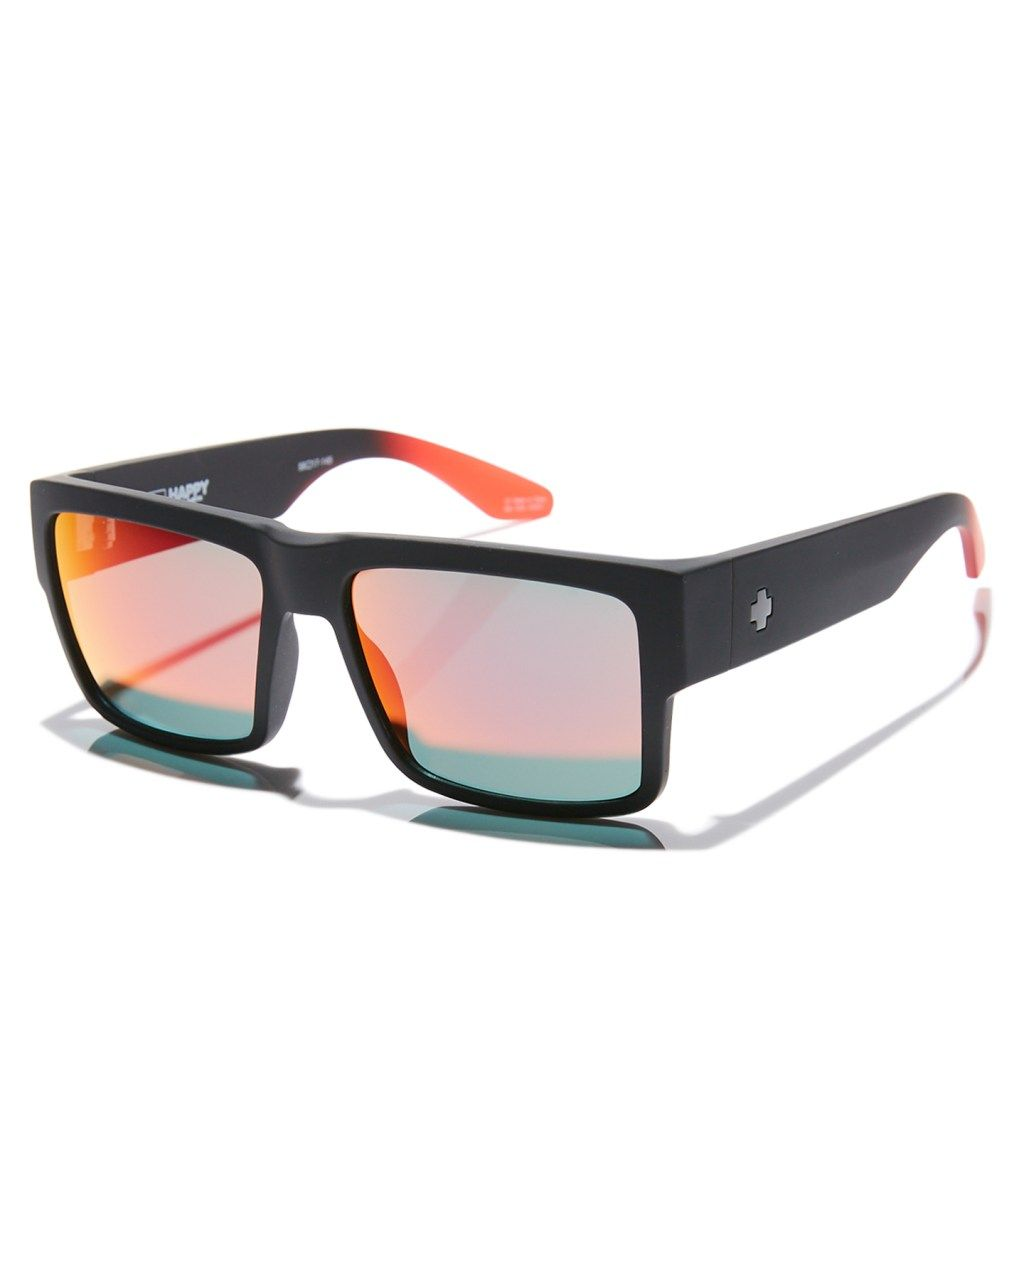 591d4f07a0 Spy Cyrus Happy Lens Sunglasses Soft Matte Black Mens sunglasses Size